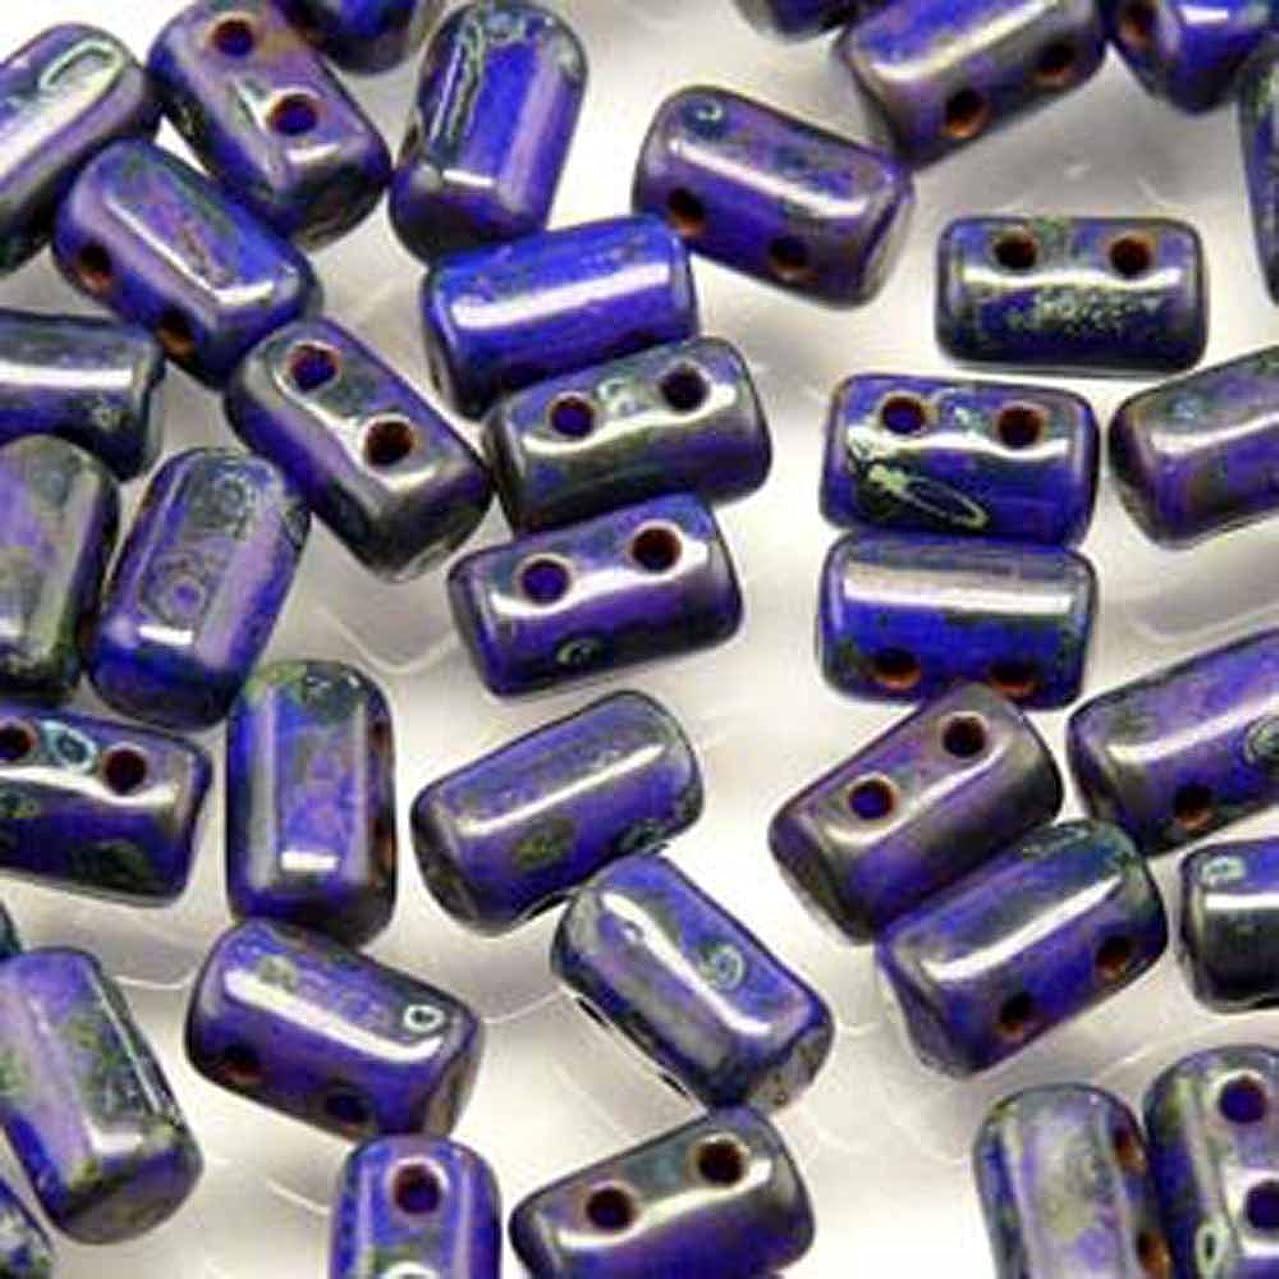 Czech Rulla Beads 22 Grams 3 x 5mm OPAQUE BLUE DARK TRAVERTIN